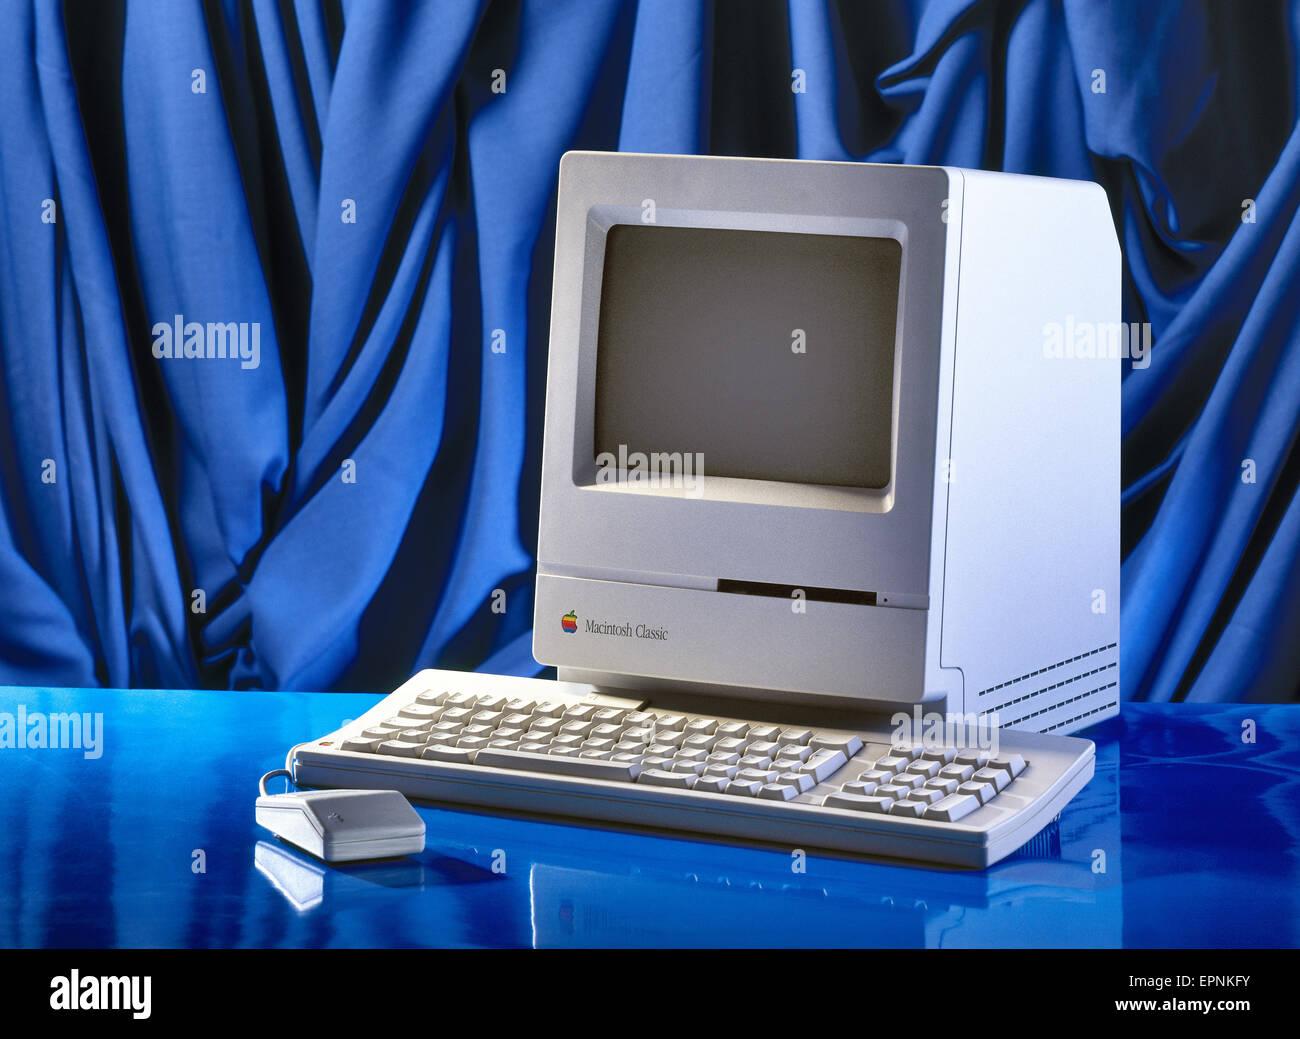 1990 computer stock photos 1990 computer stock images alamy